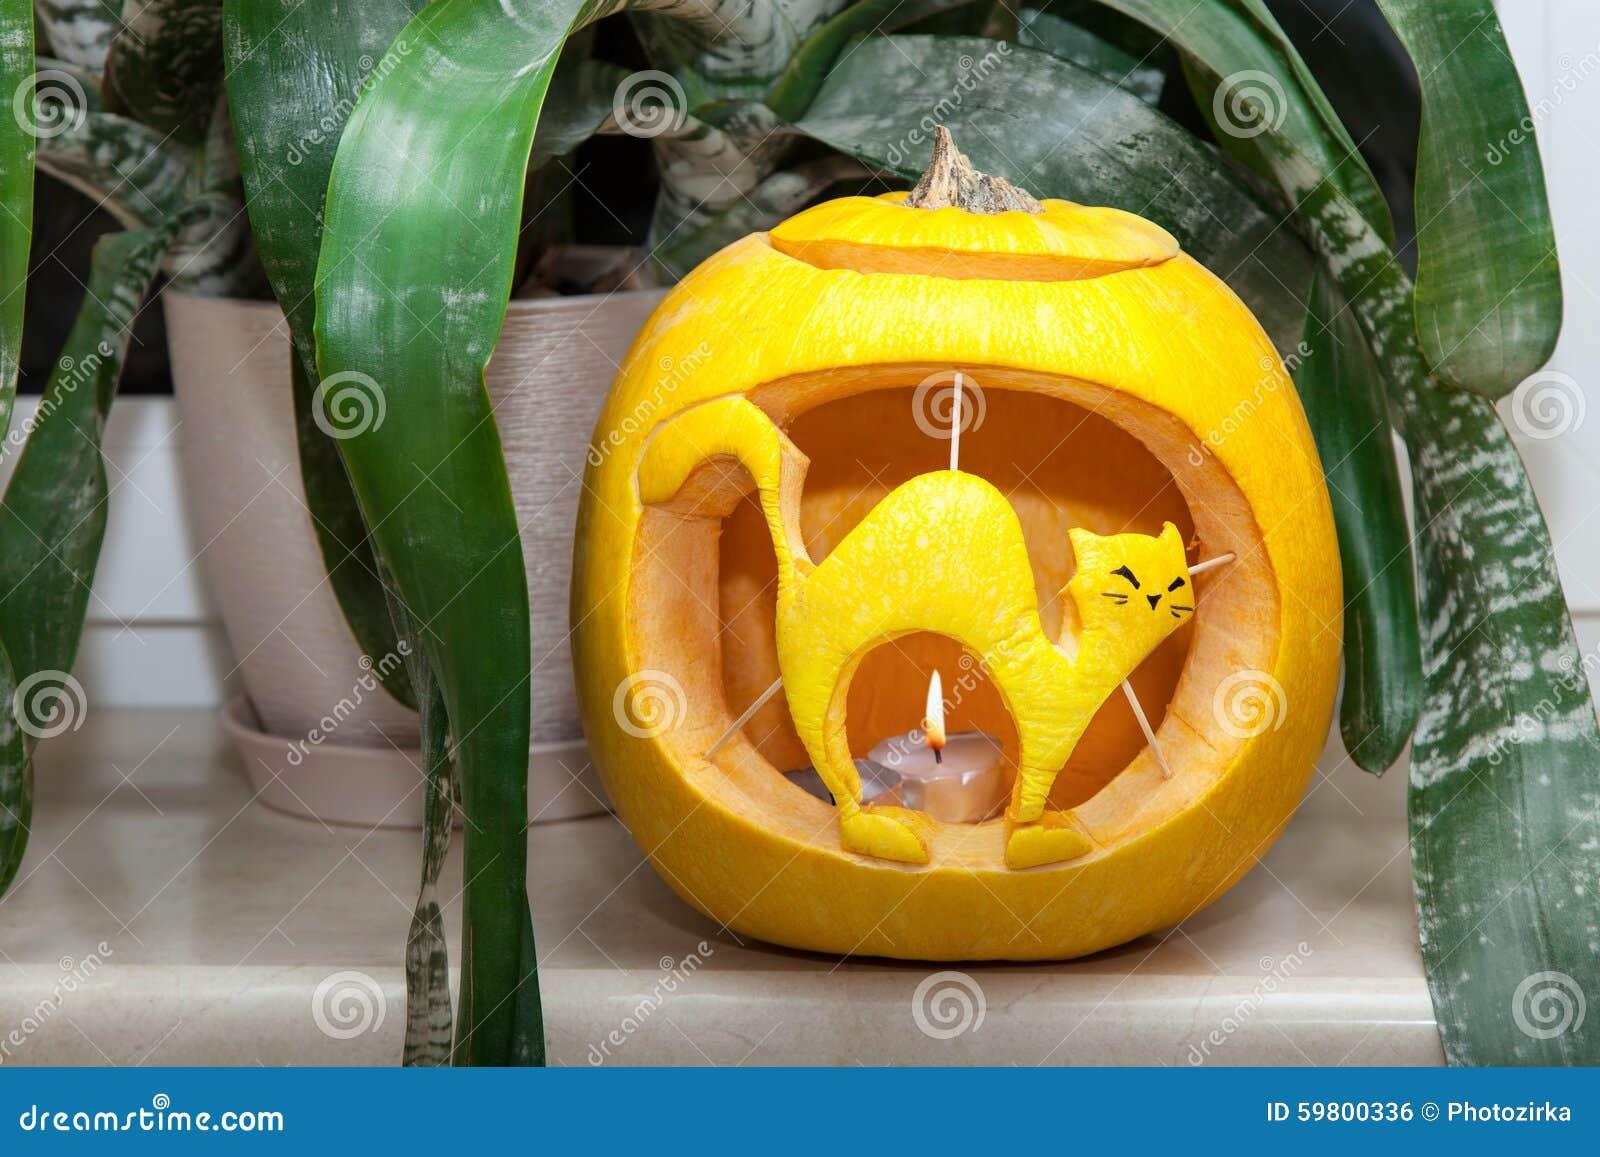 Zucca Halloween Gatto.Zucca Di Halloween Con Il Gatto Scolpito Fotografia Stock Immagine